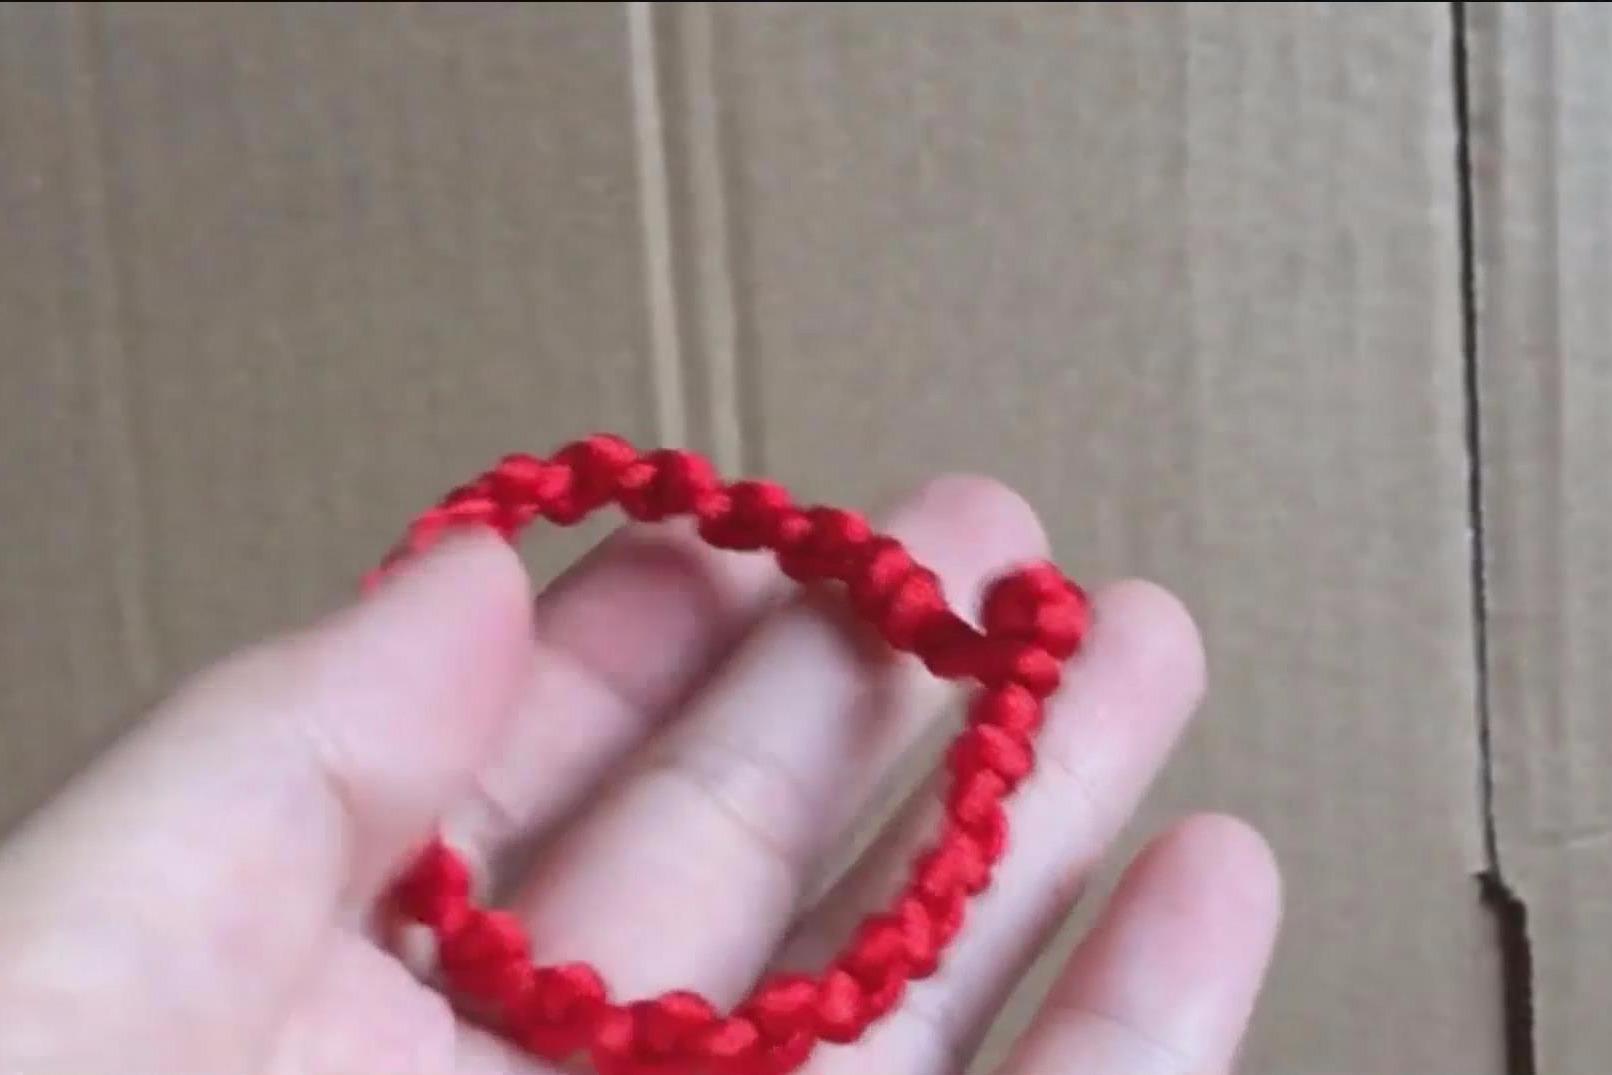 教你编织一款简单漂亮的红绳手链,编法很简单,转运红绳手链